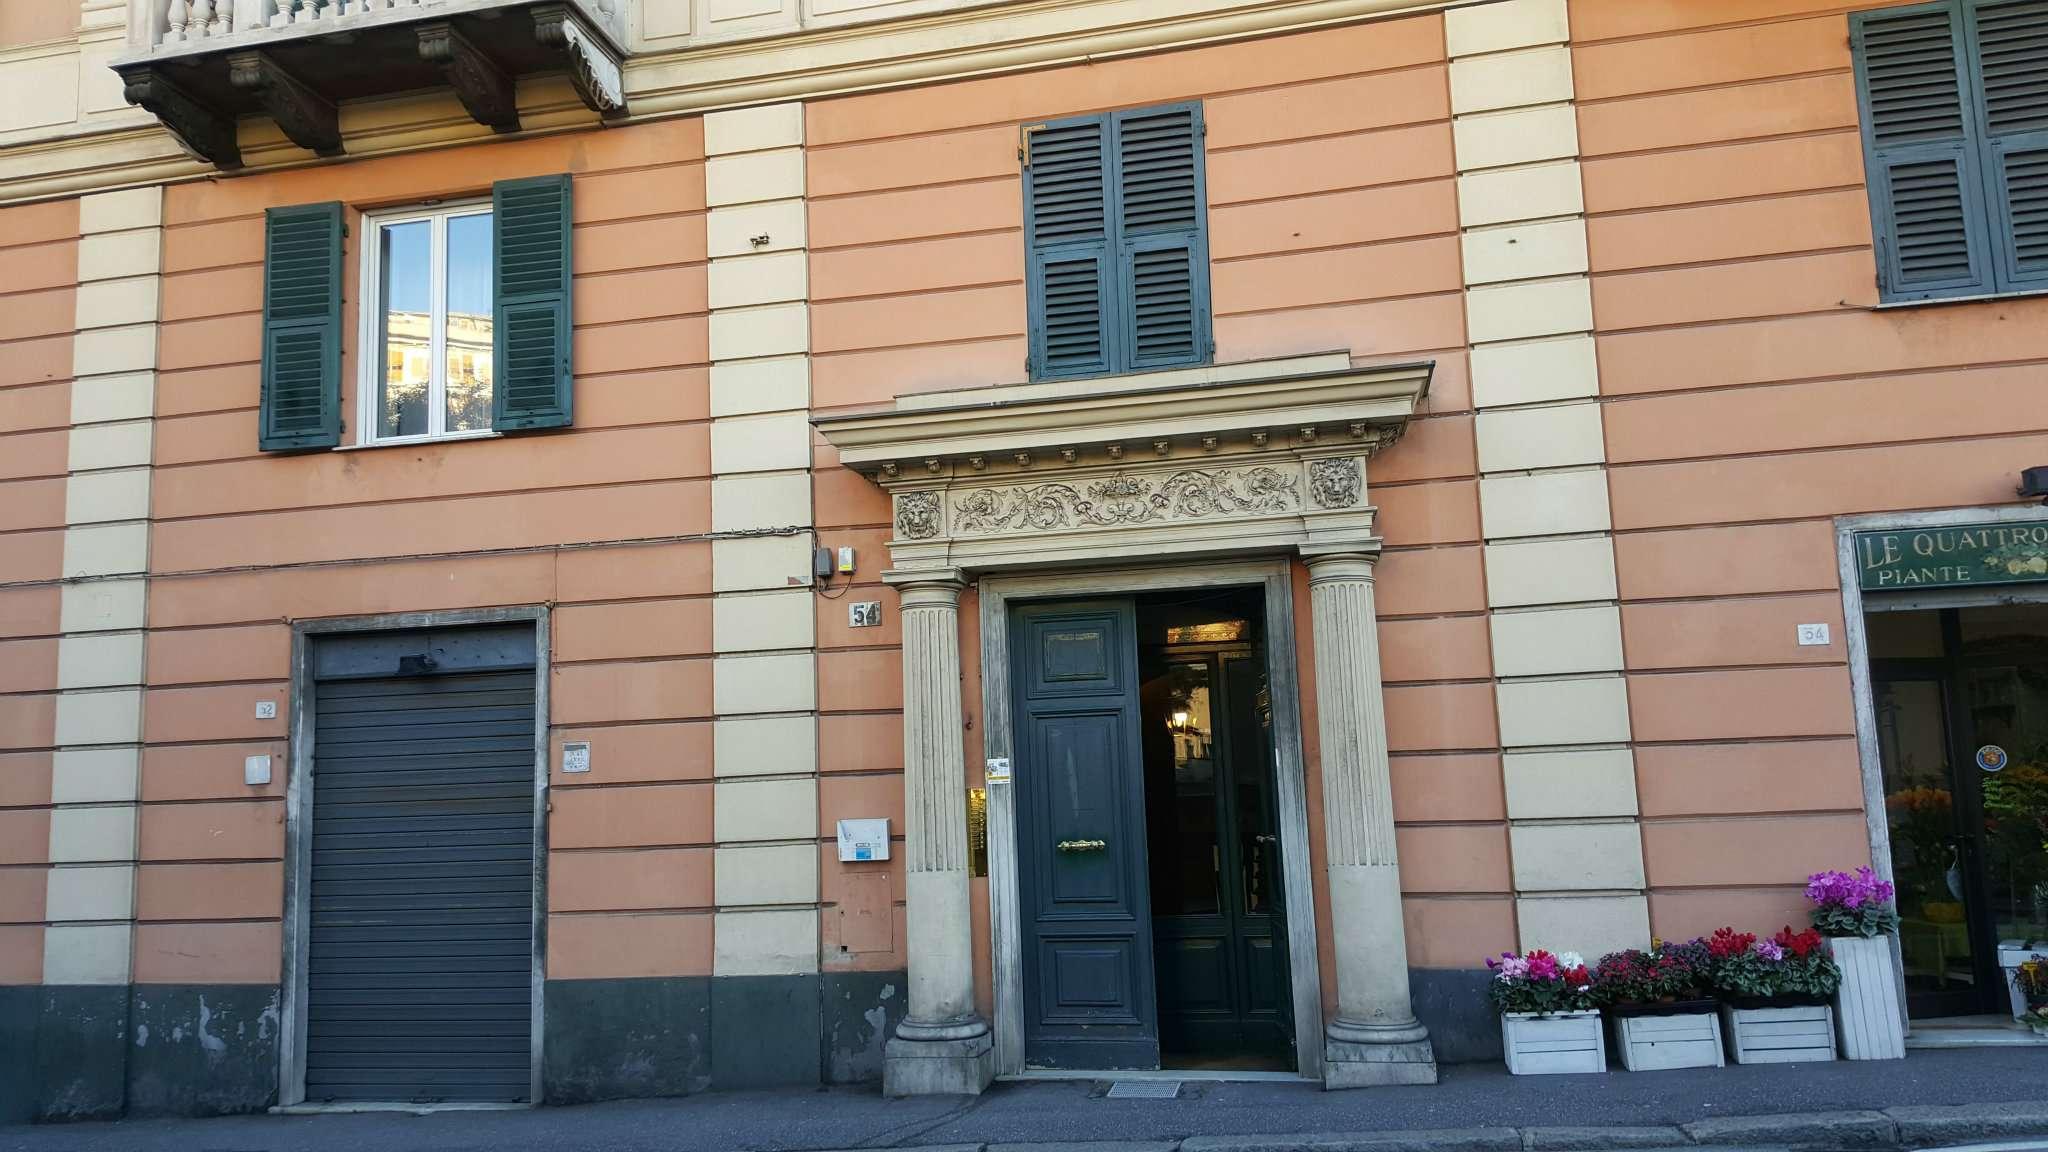 Appartamento in affitto a Genova, 9 locali, prezzo € 950 | Cambio Casa.it